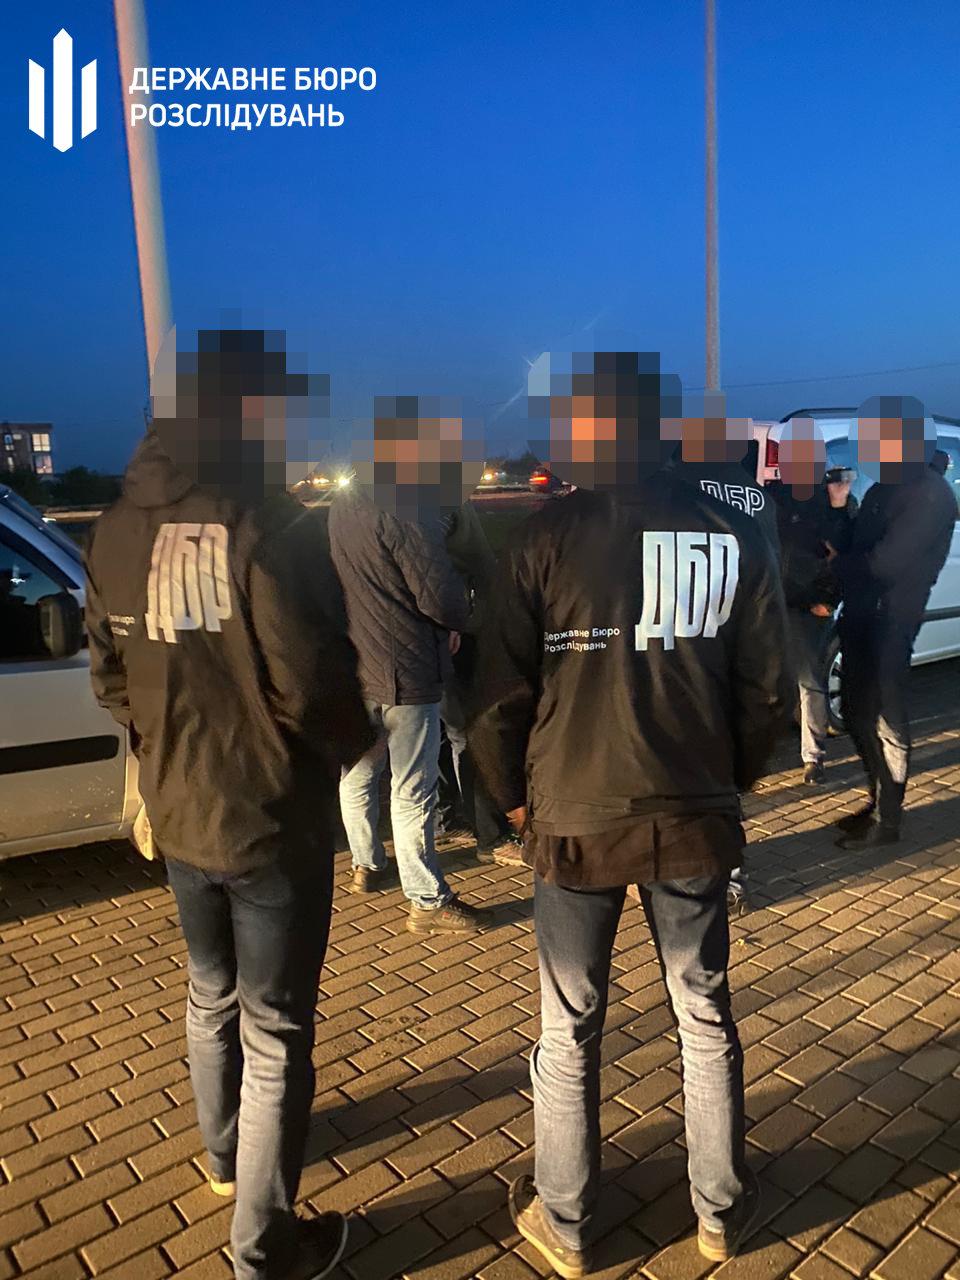 Хмельницькі правоохоронці затримали начальника Управління лісового та мисливського господарства (ВІДЕО), фото-5